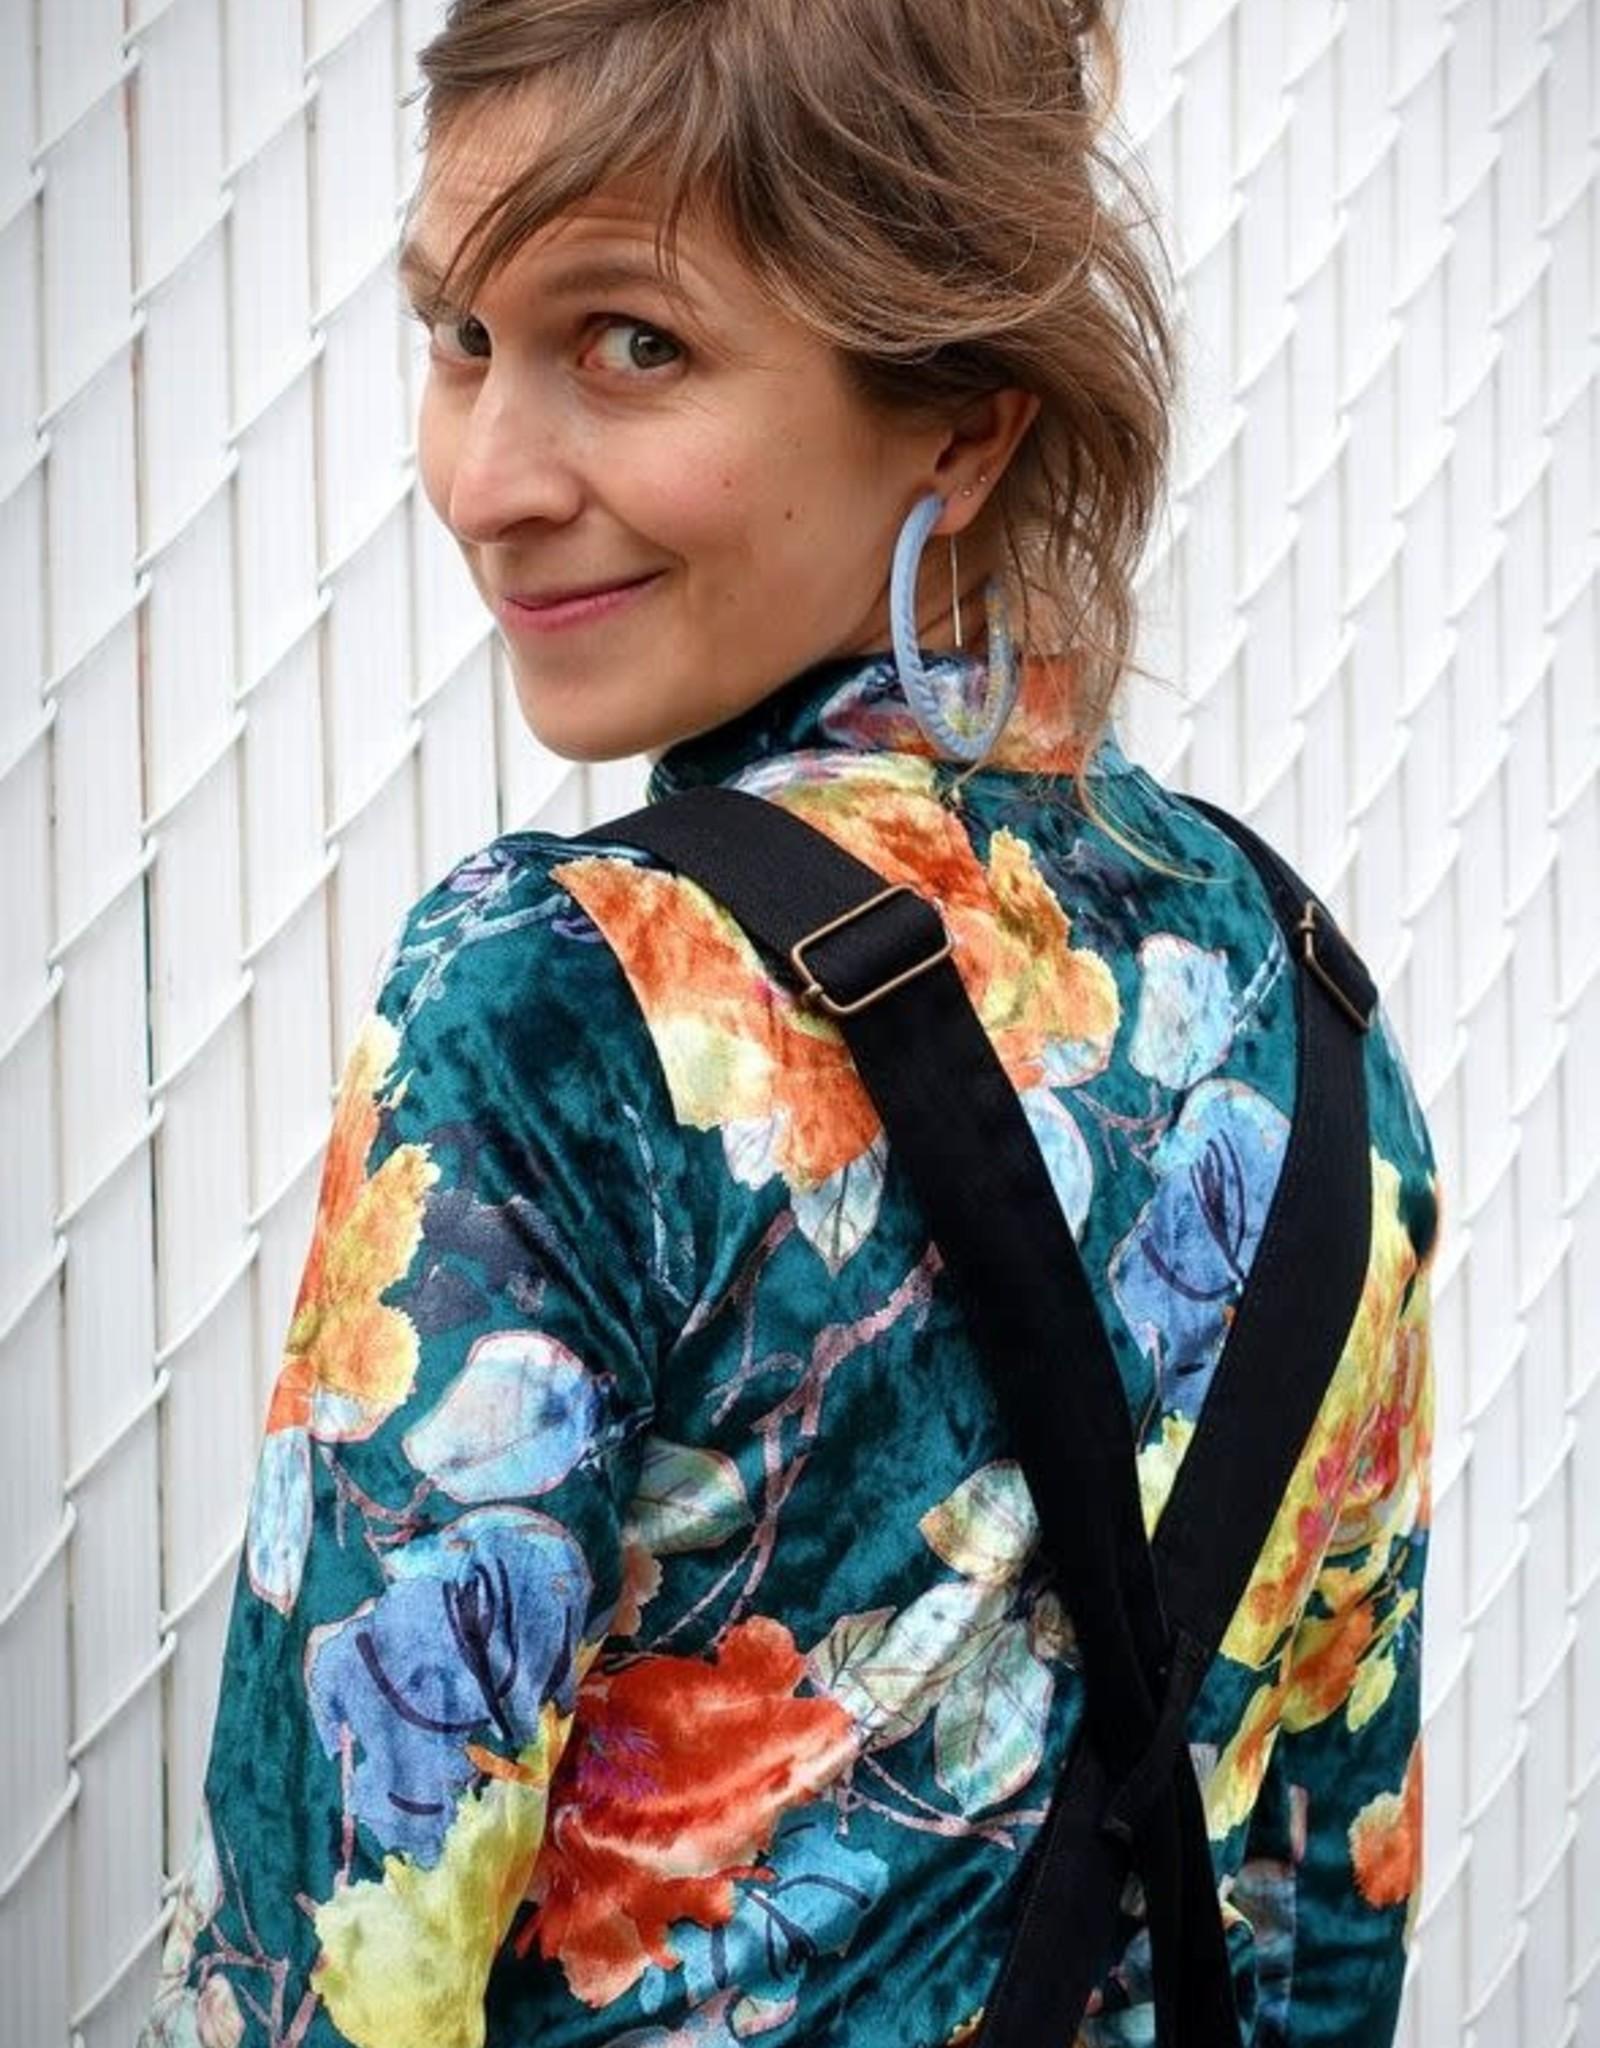 Les Coureurs de Jupons Col Roulé Long AH1920 Les Coureurs de Jupons Kimono Velvet